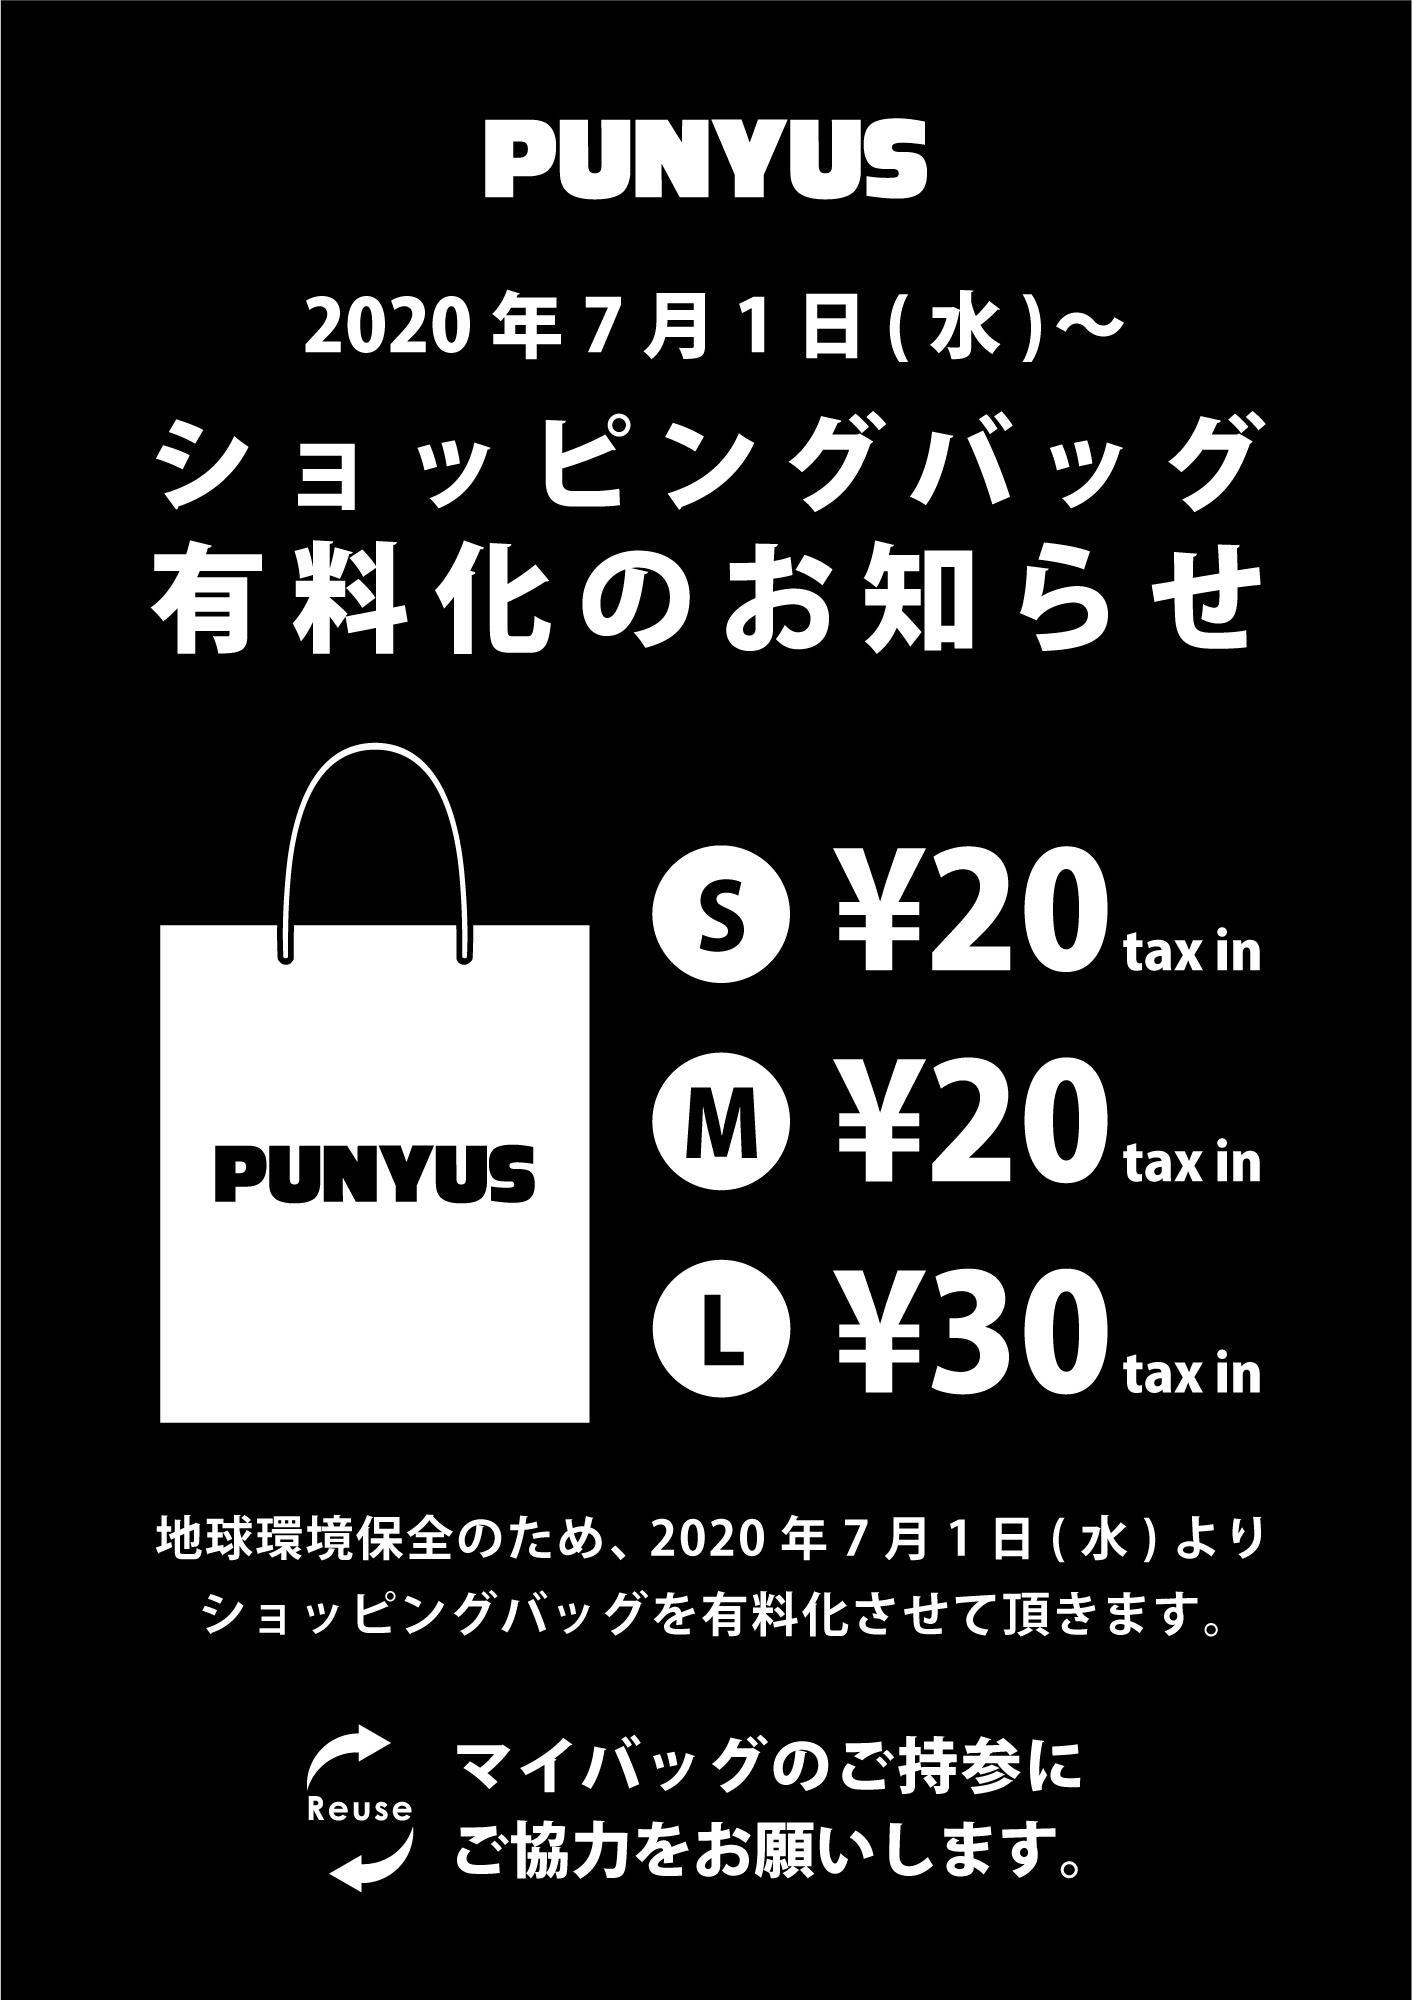 ショッピングバッグ有料化のお知らせ